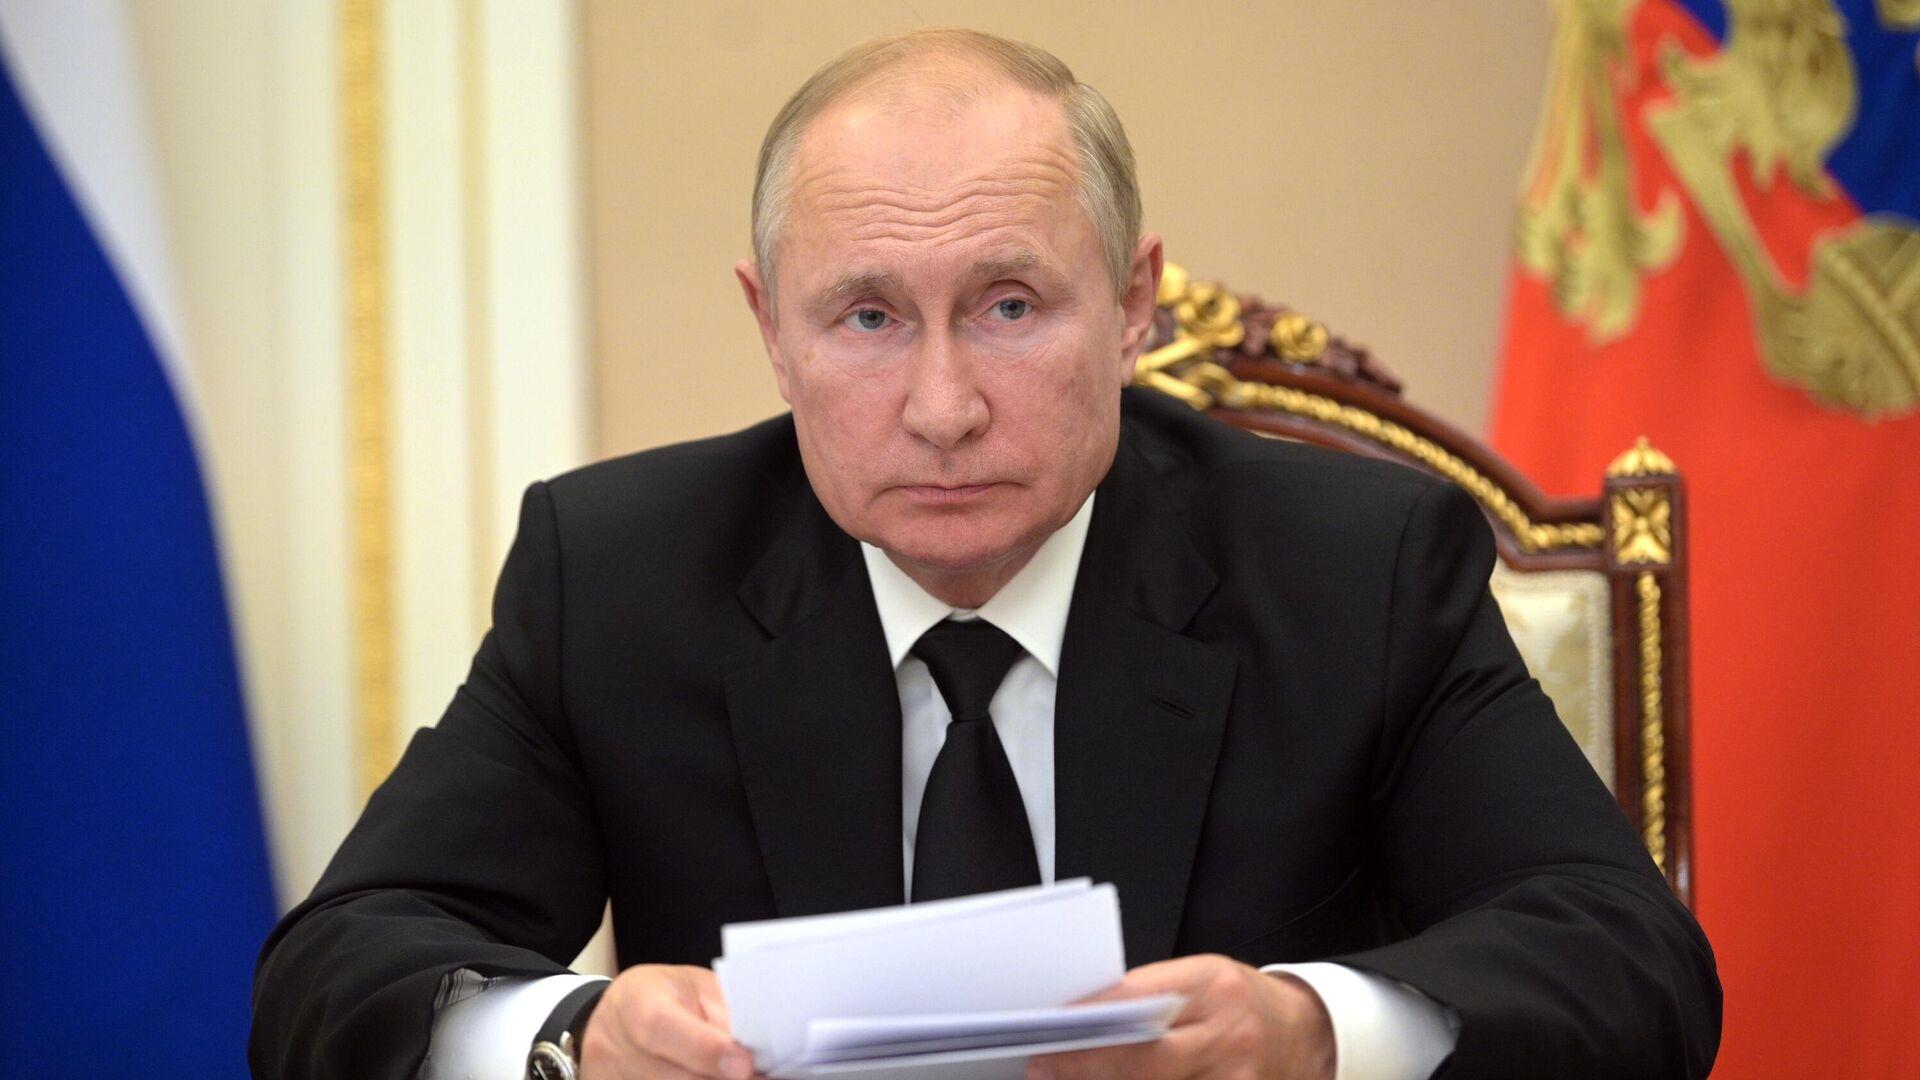 Пресс-секретарь президента Песков: самоизоляция не влияет на интенсивность работы Путина